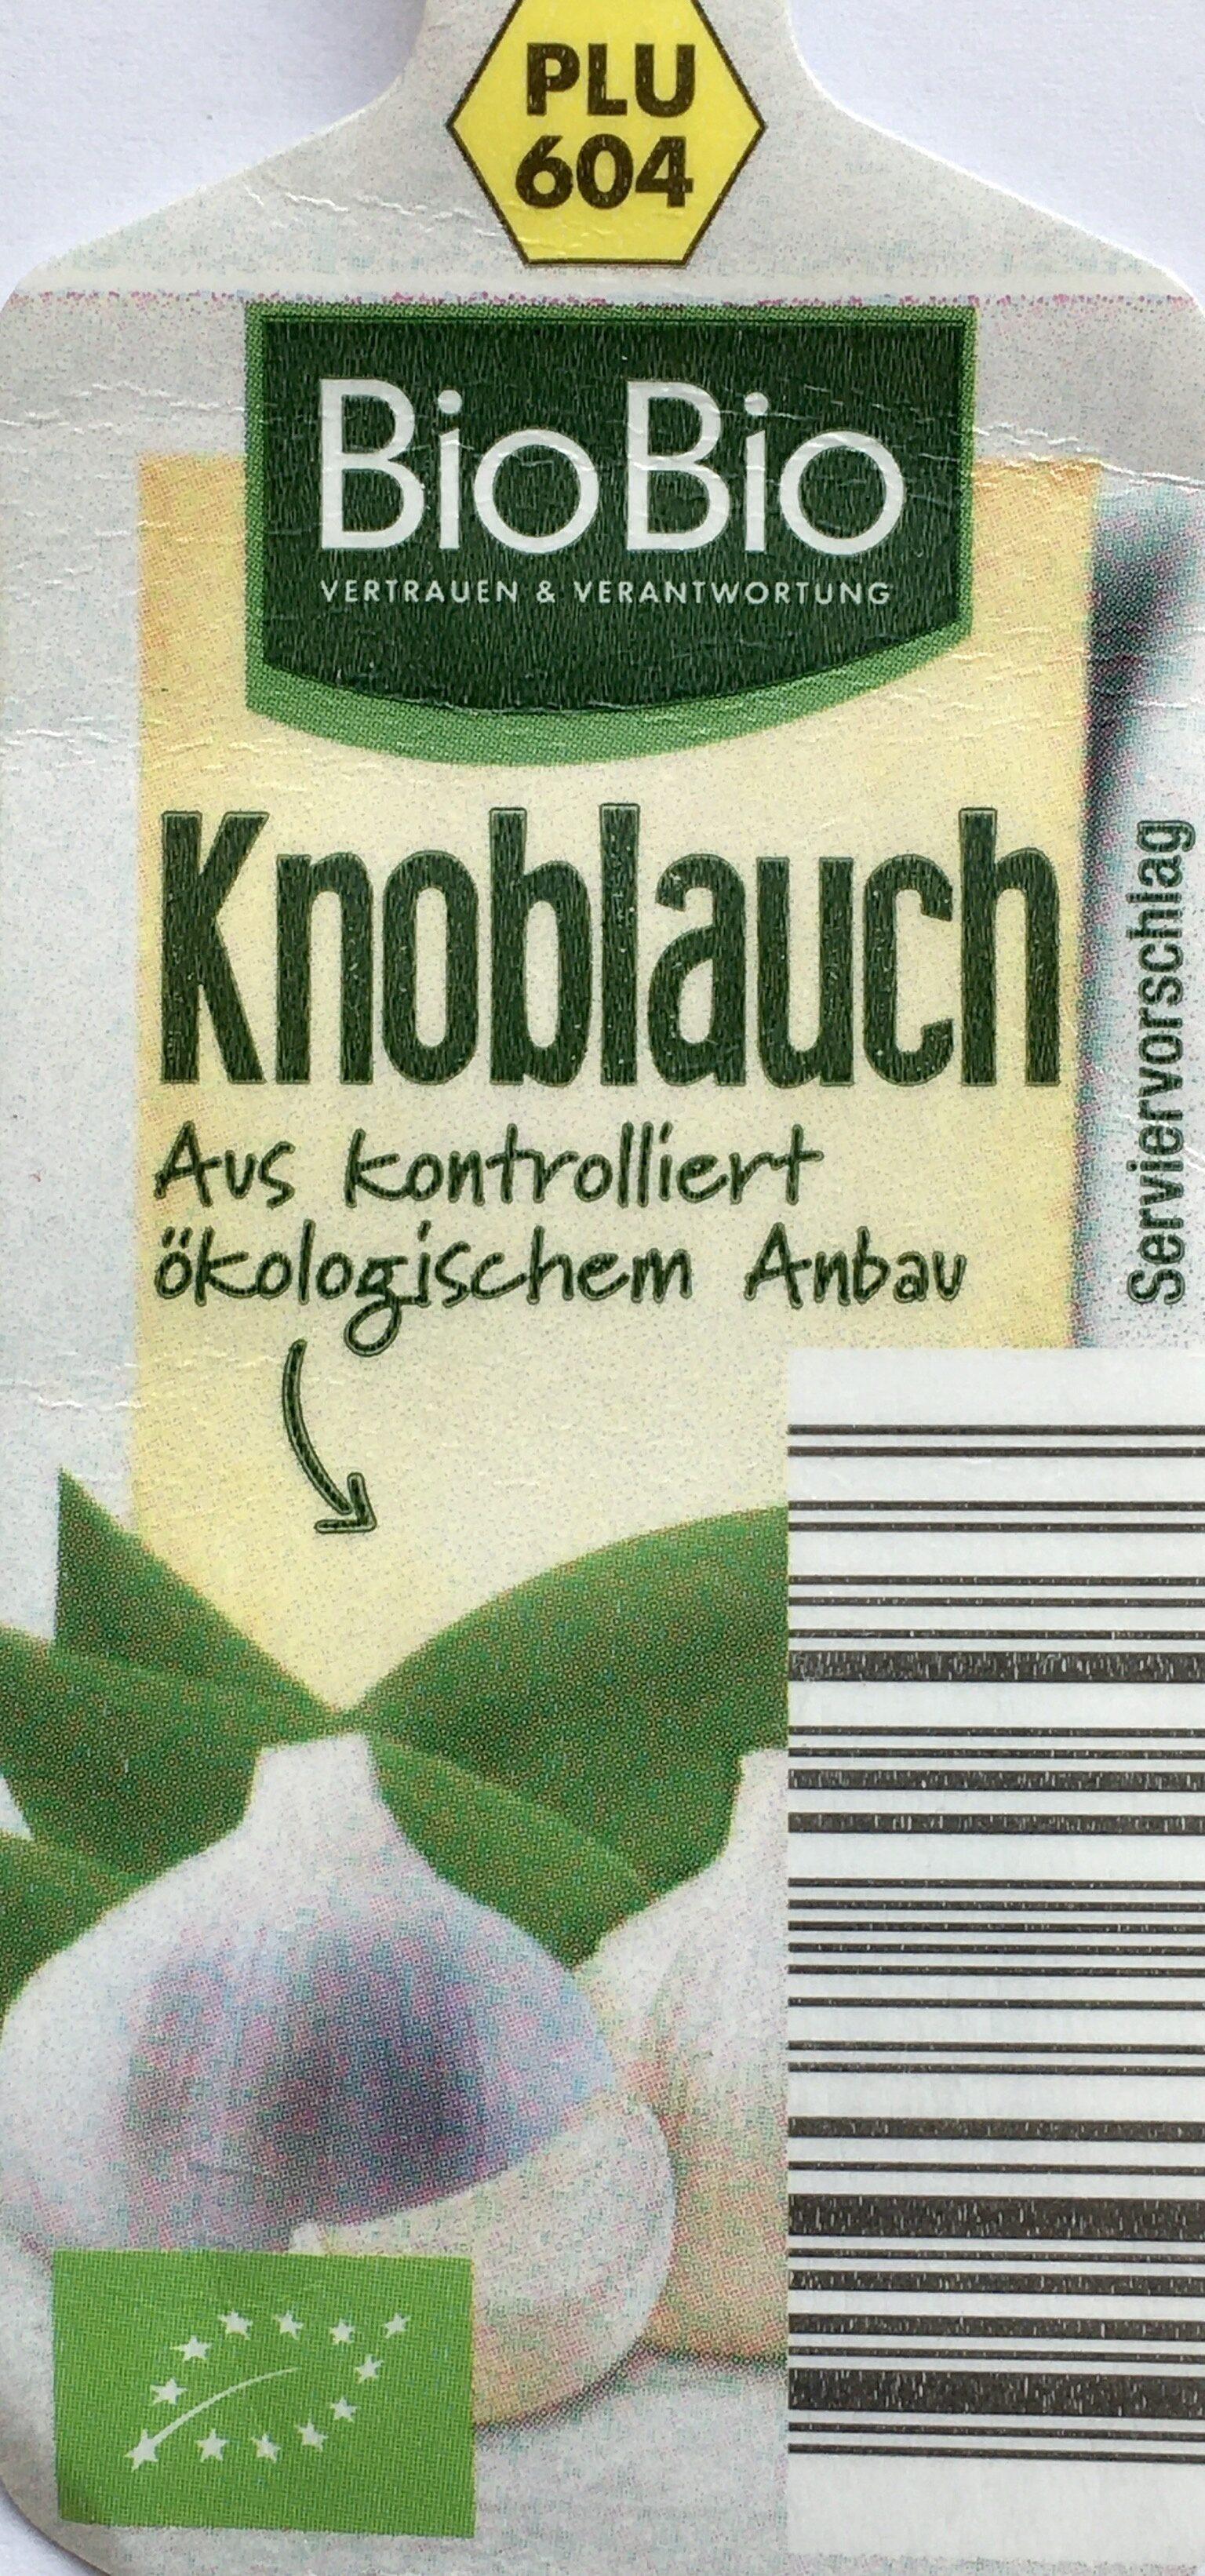 Knoblauch - Produit - de